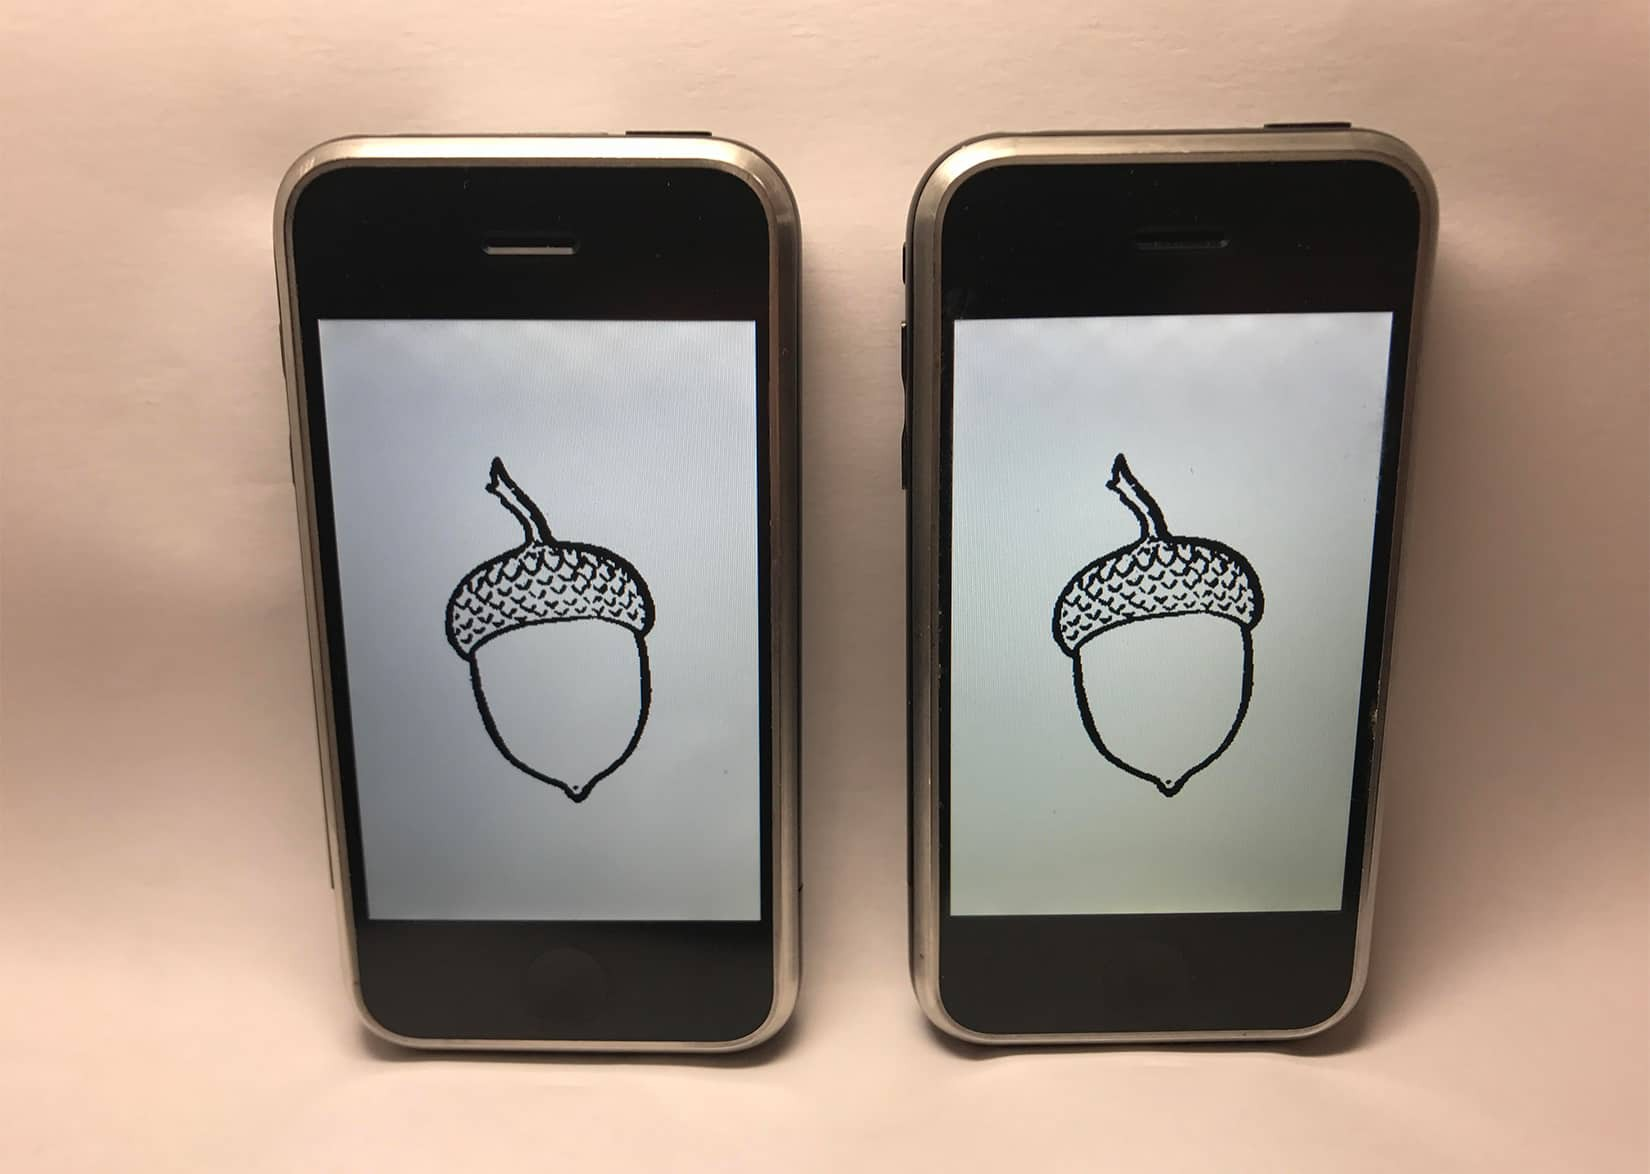 Chuyện chưa kể về iPhone P: Thế hệ bị Apple giấu nhẹm, chưa một lần lộ diện trước công chúng - Ảnh 3.